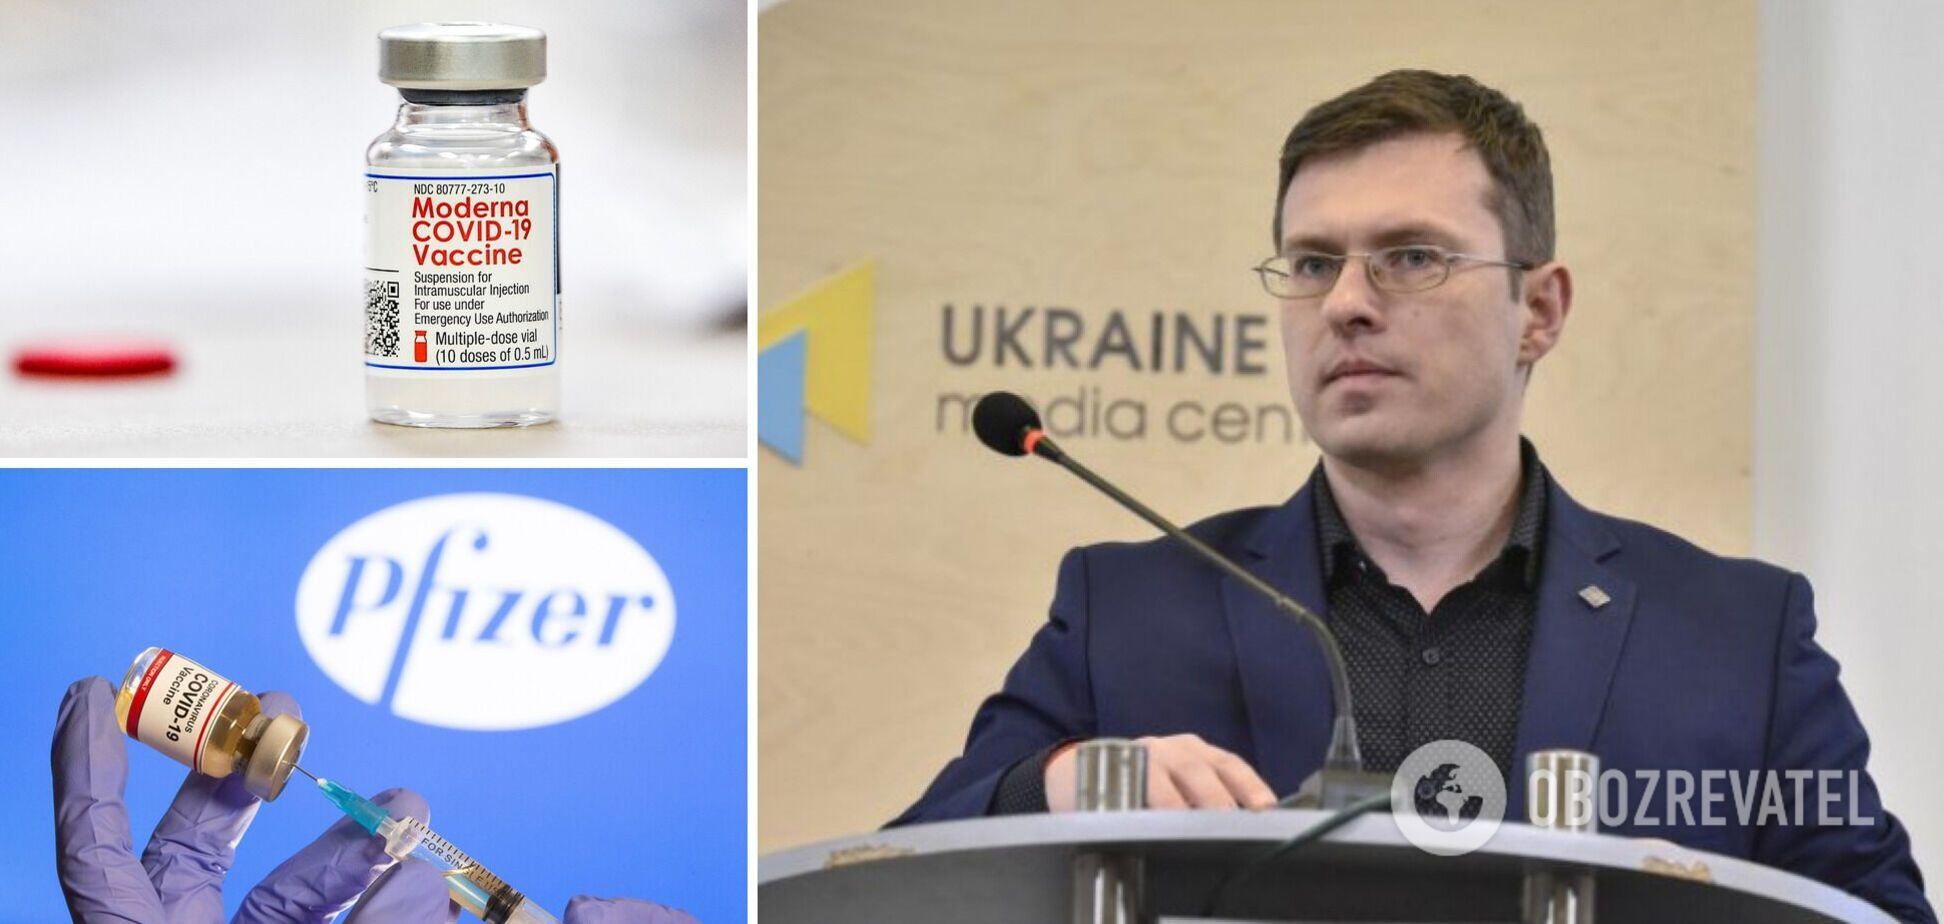 До конца года Украина получит 15 млн доз вакцины Pfizer и новую партию Moderna,– Кузин